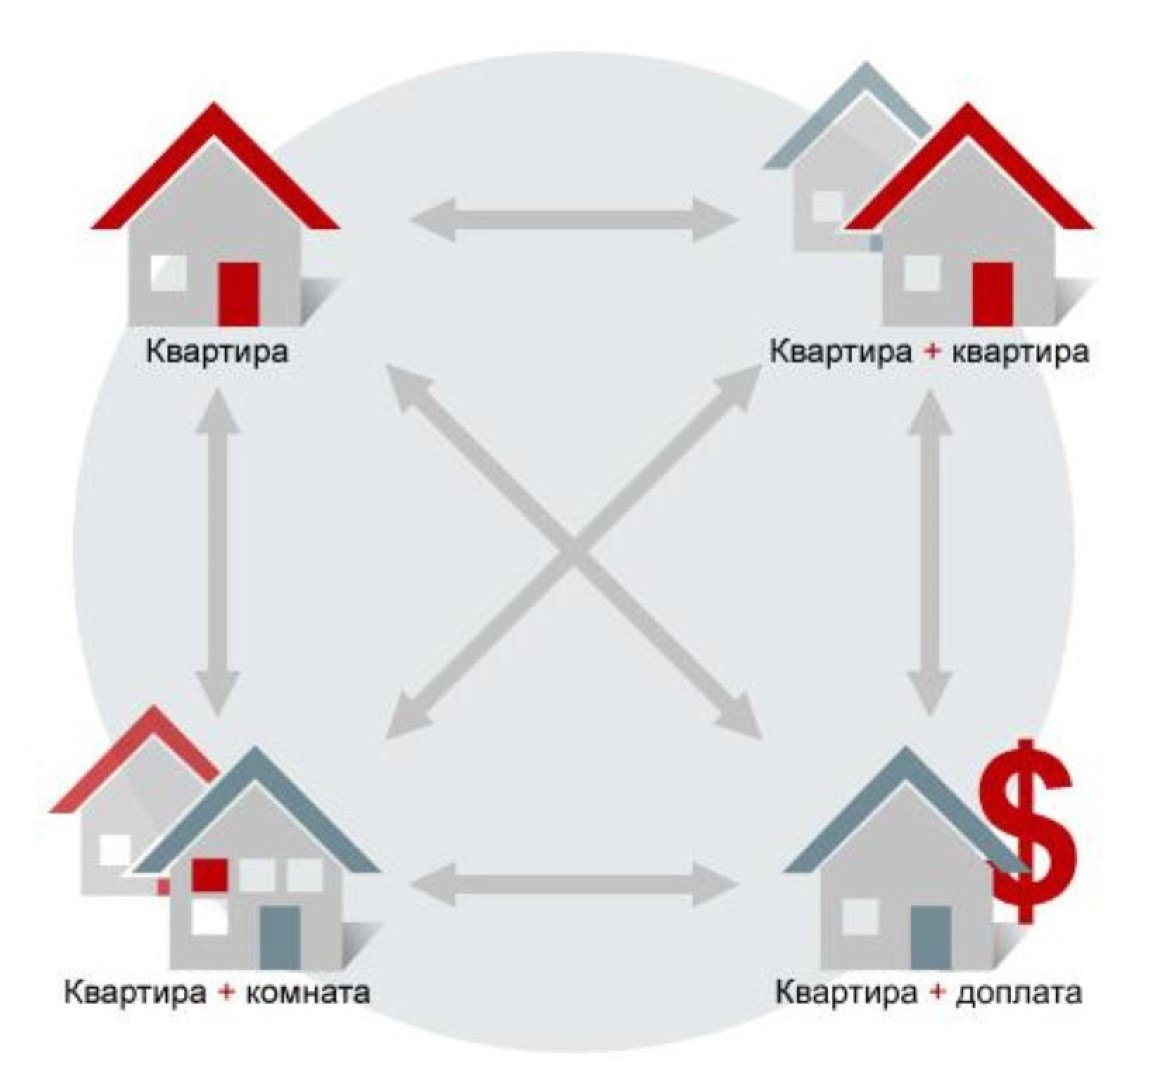 Изображение - Как разменять муниципальную квартиру Varianty-prinuditelnogo-razmena-kvartiry.